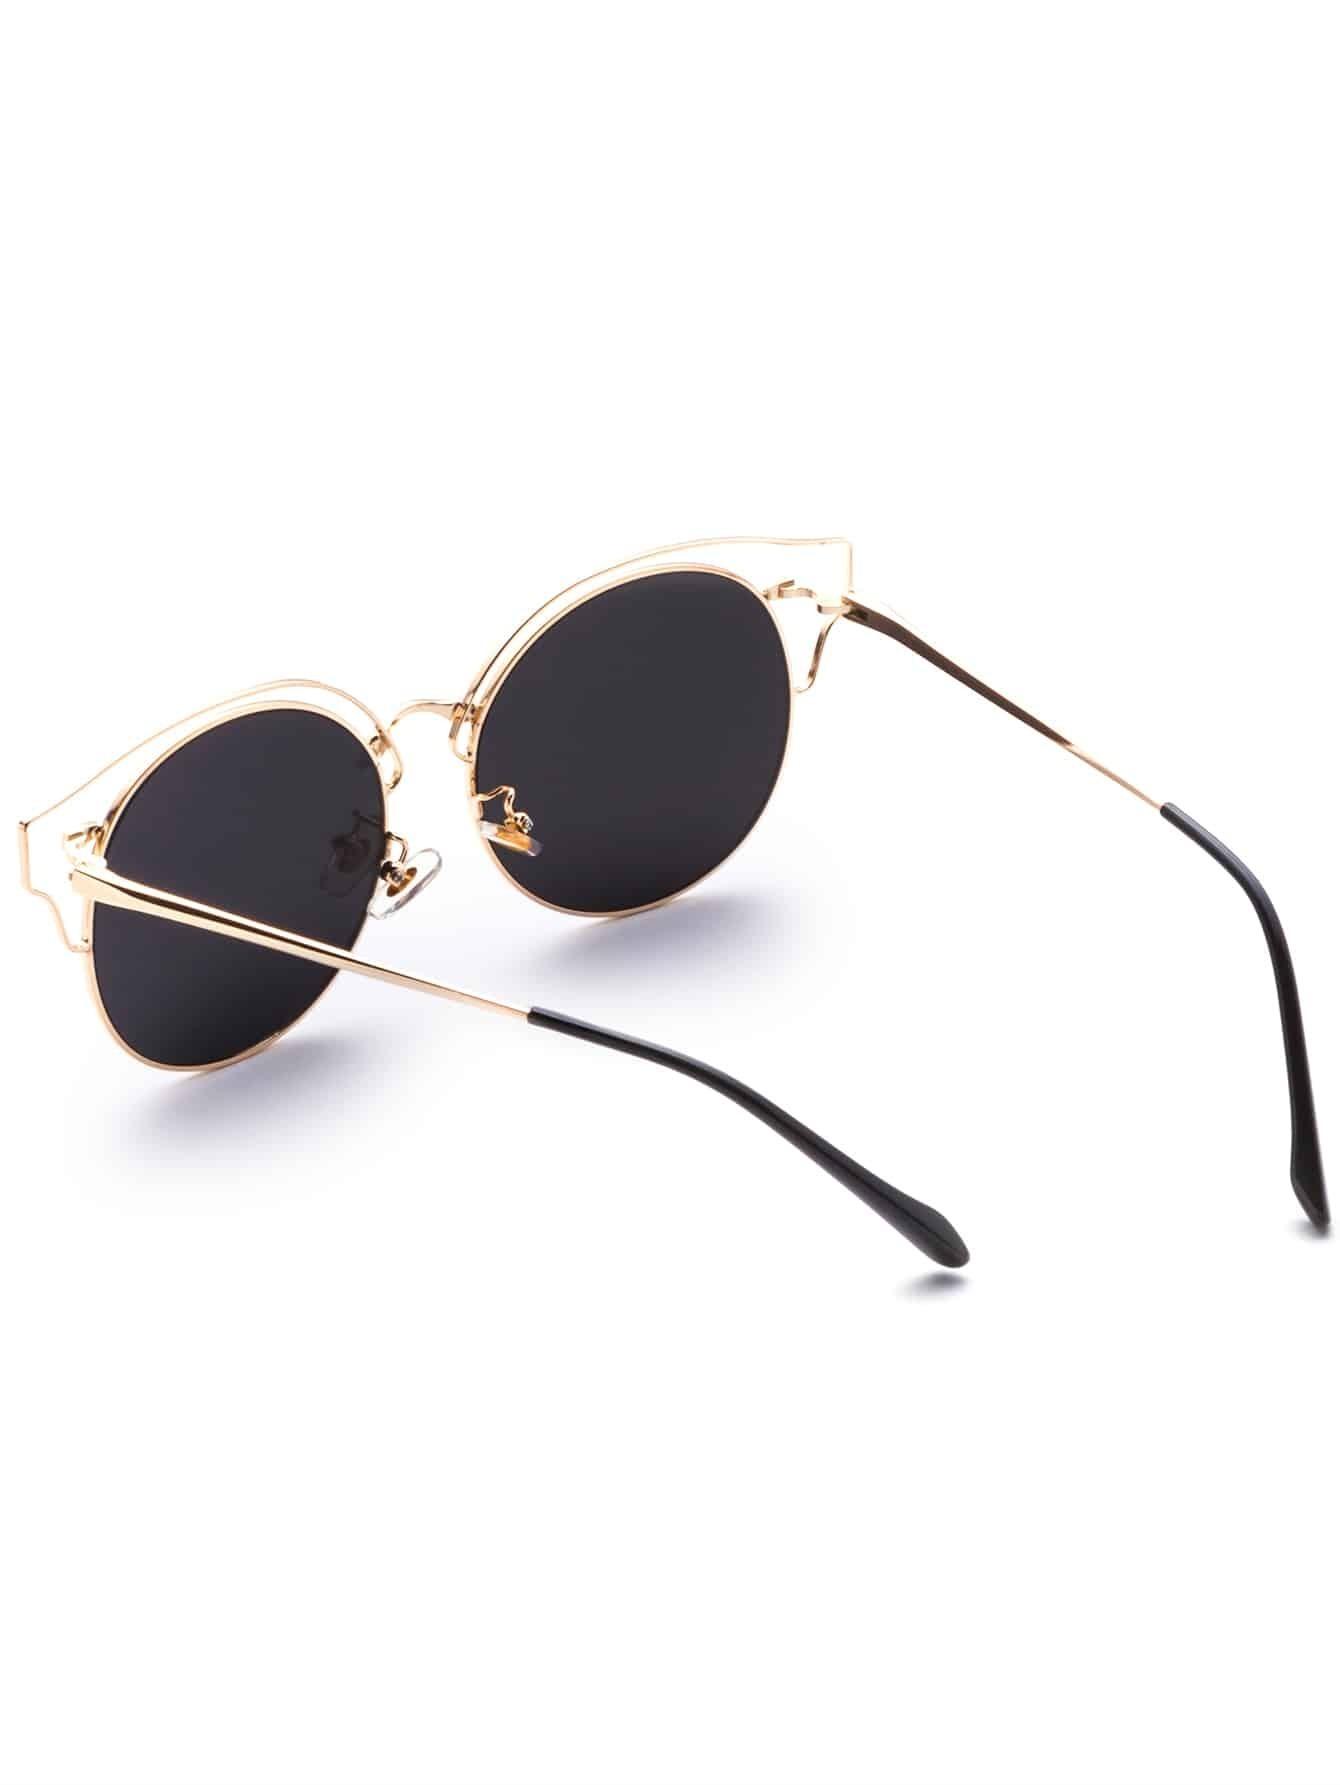 Gold Frame Cat Eye Sunglasses : Gold Frame Silver Lens Cat Eye Sunglasses